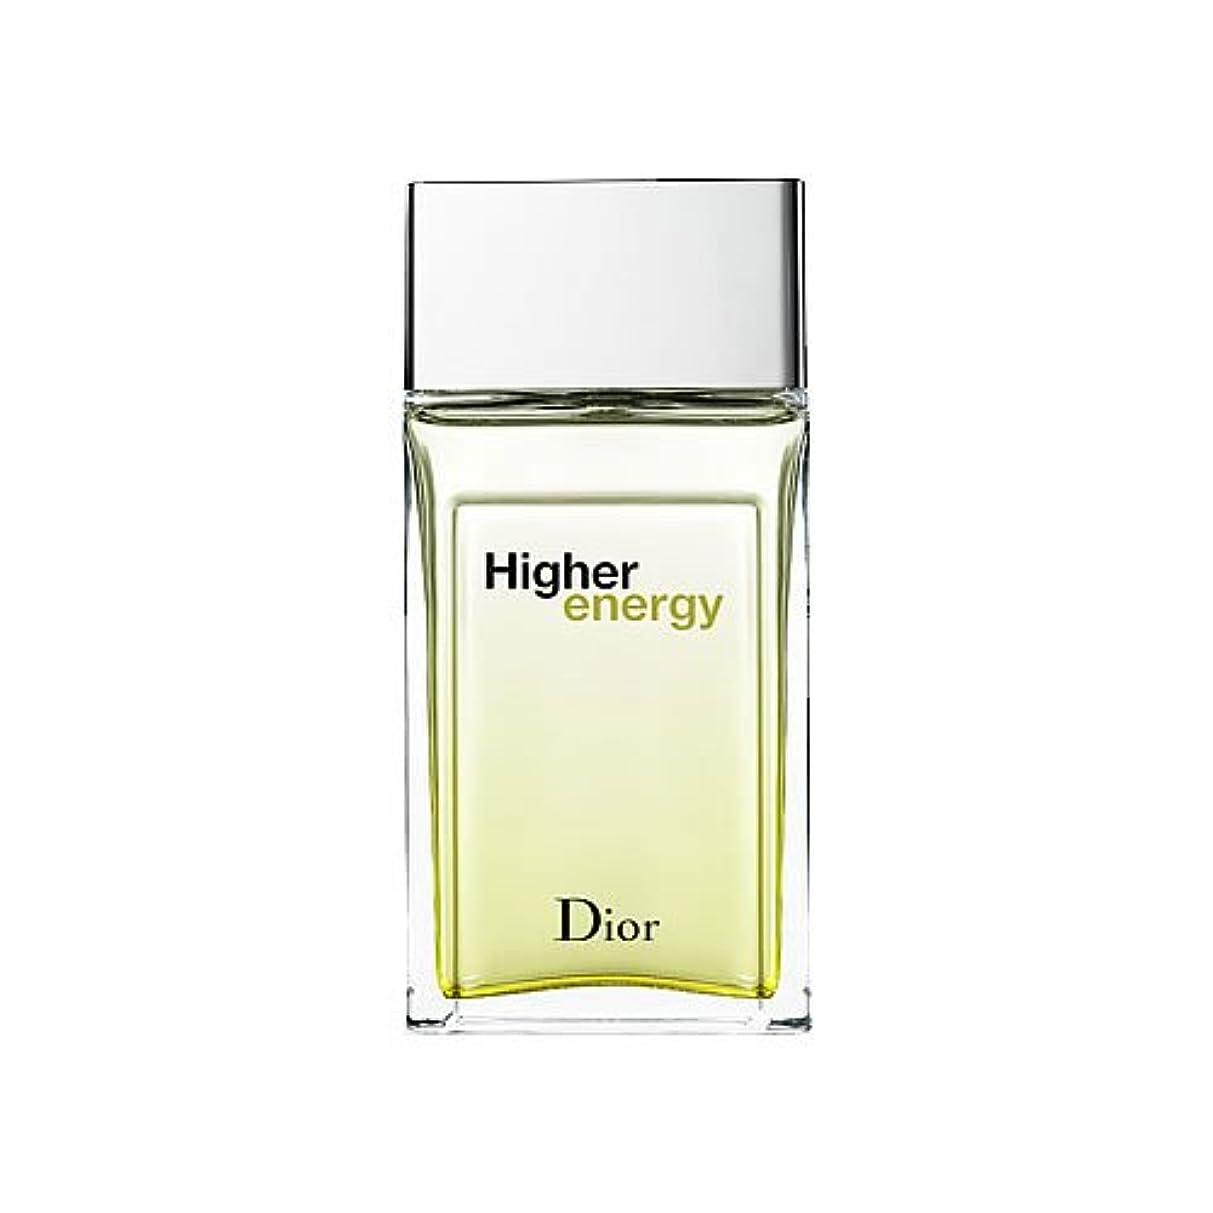 軽く摘む陸軍クリスチャン ディオール(Christian Dior) ハイヤー エナジー EDT 100ml[並行輸入品]